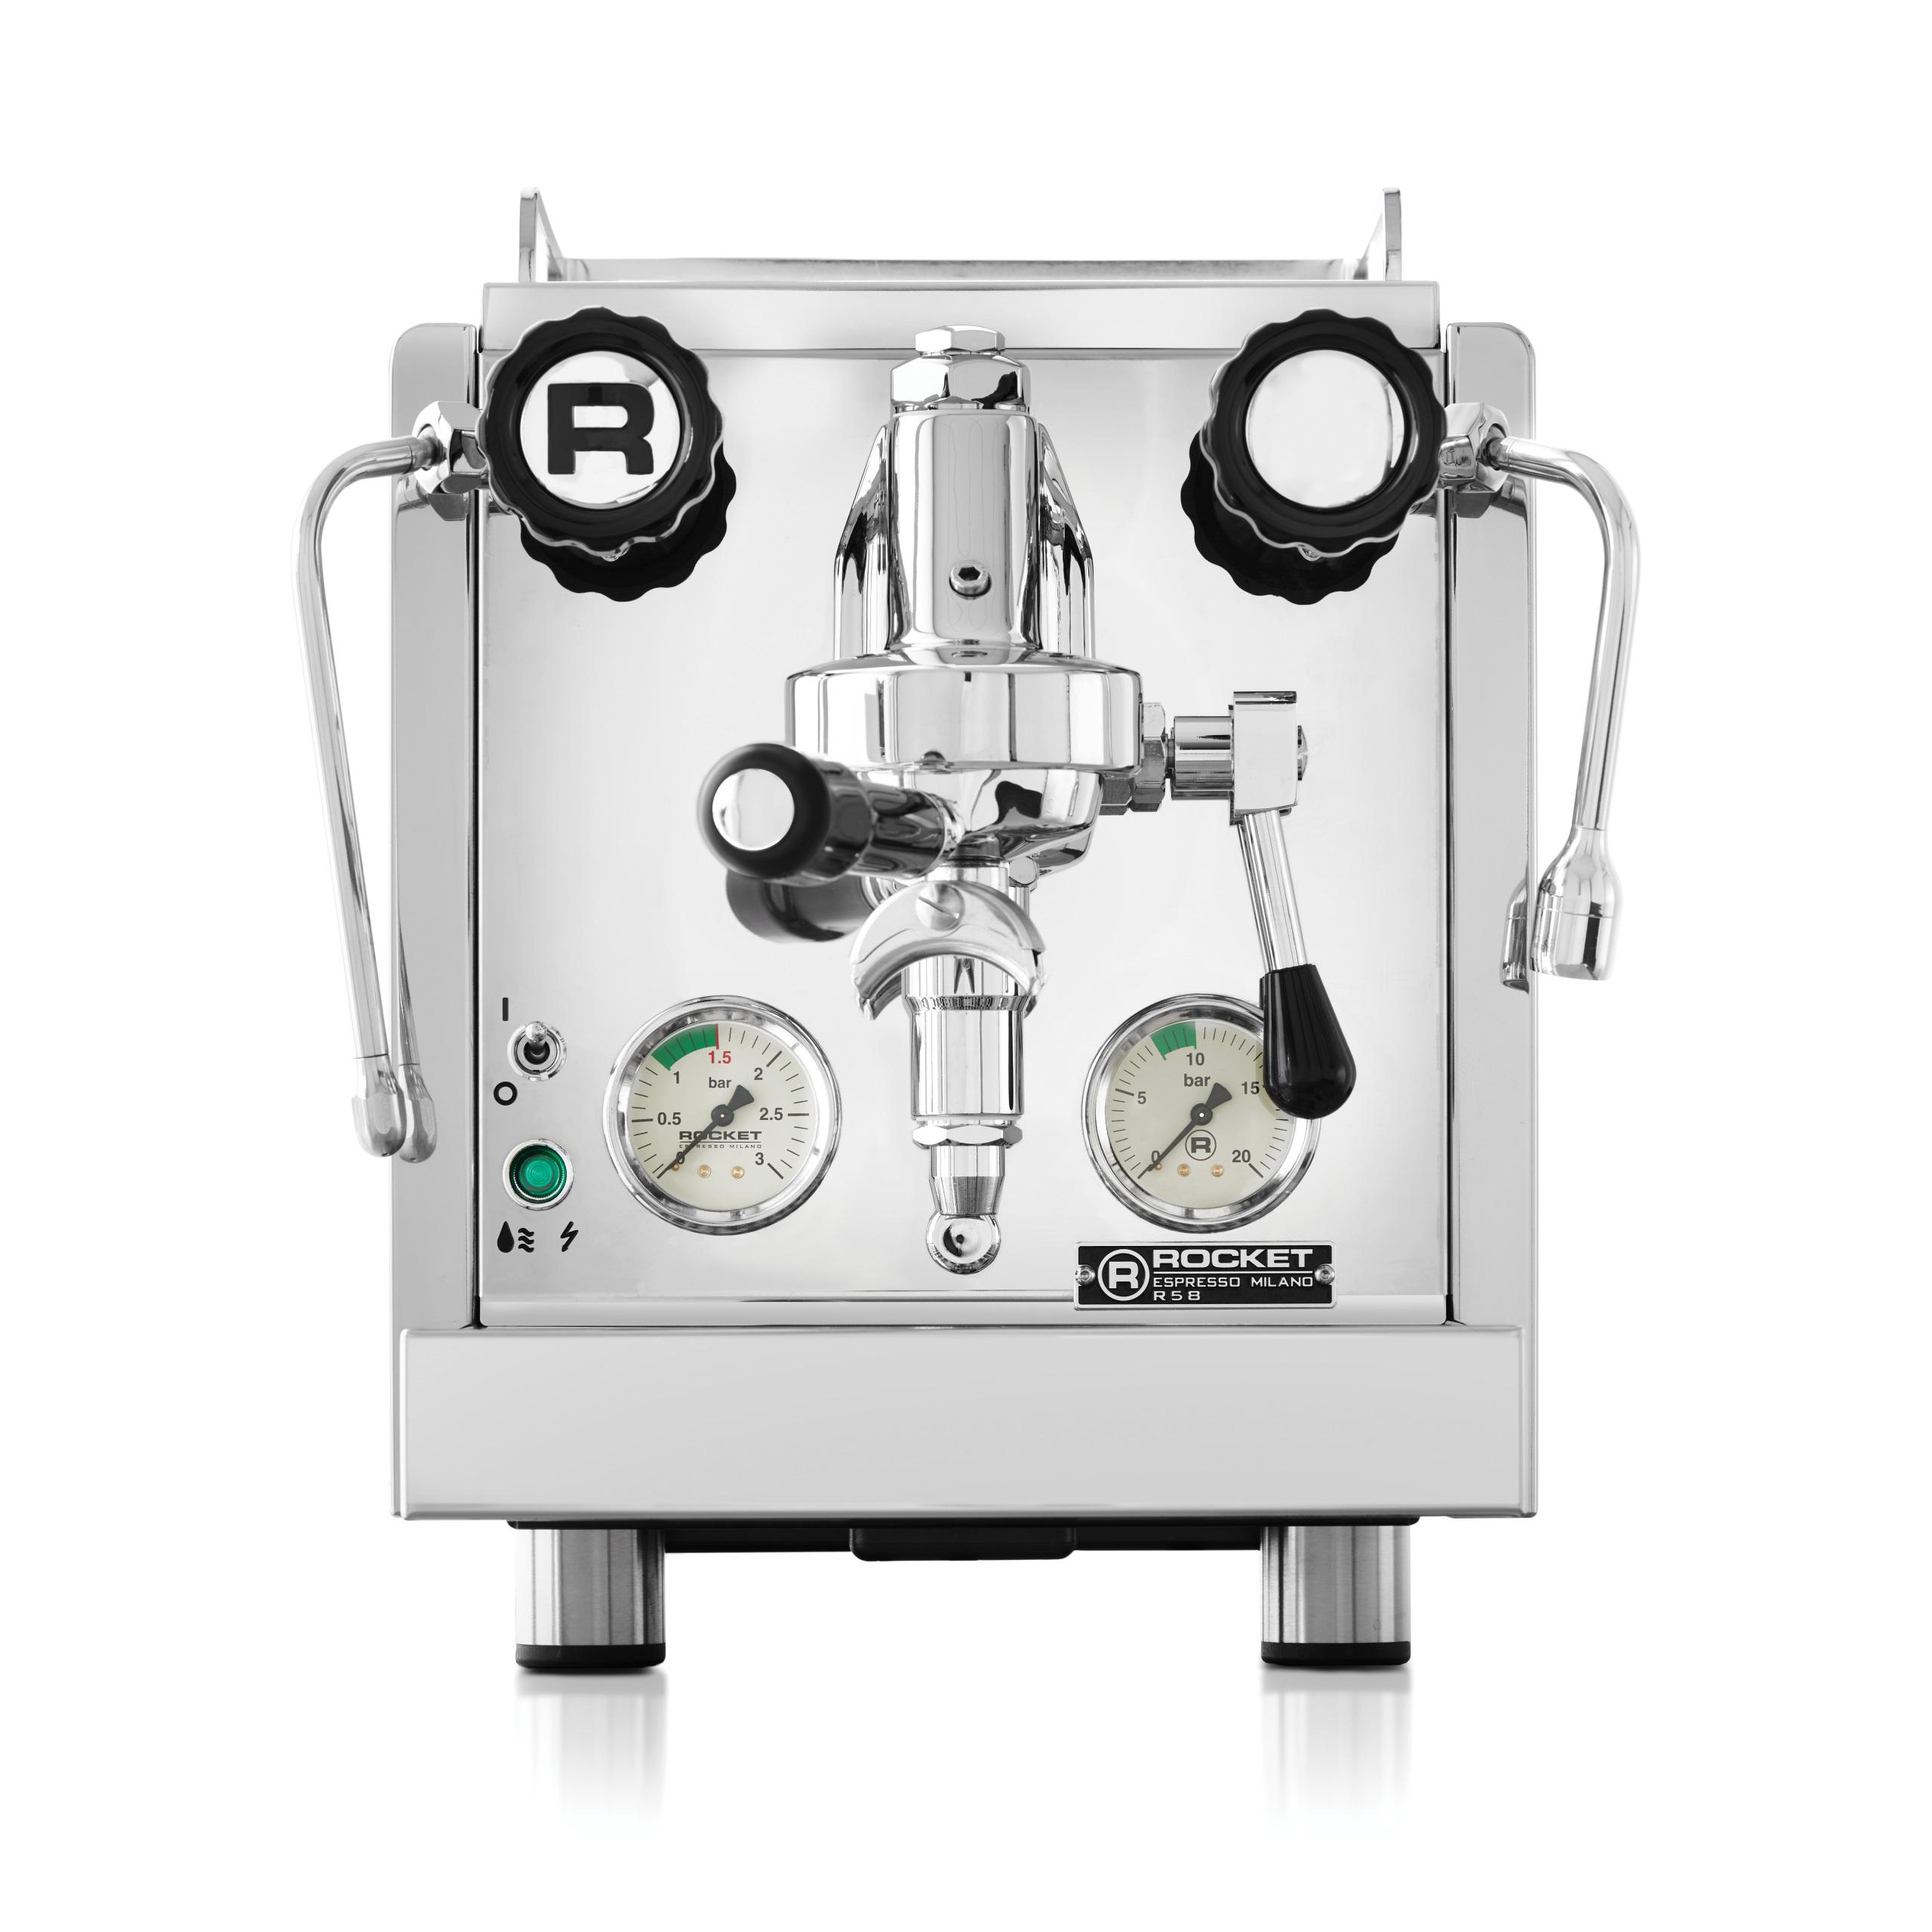 مستعمل روكيت R58 الإصدار الثاني آلة إسبريسو مزدوجة الغلاية